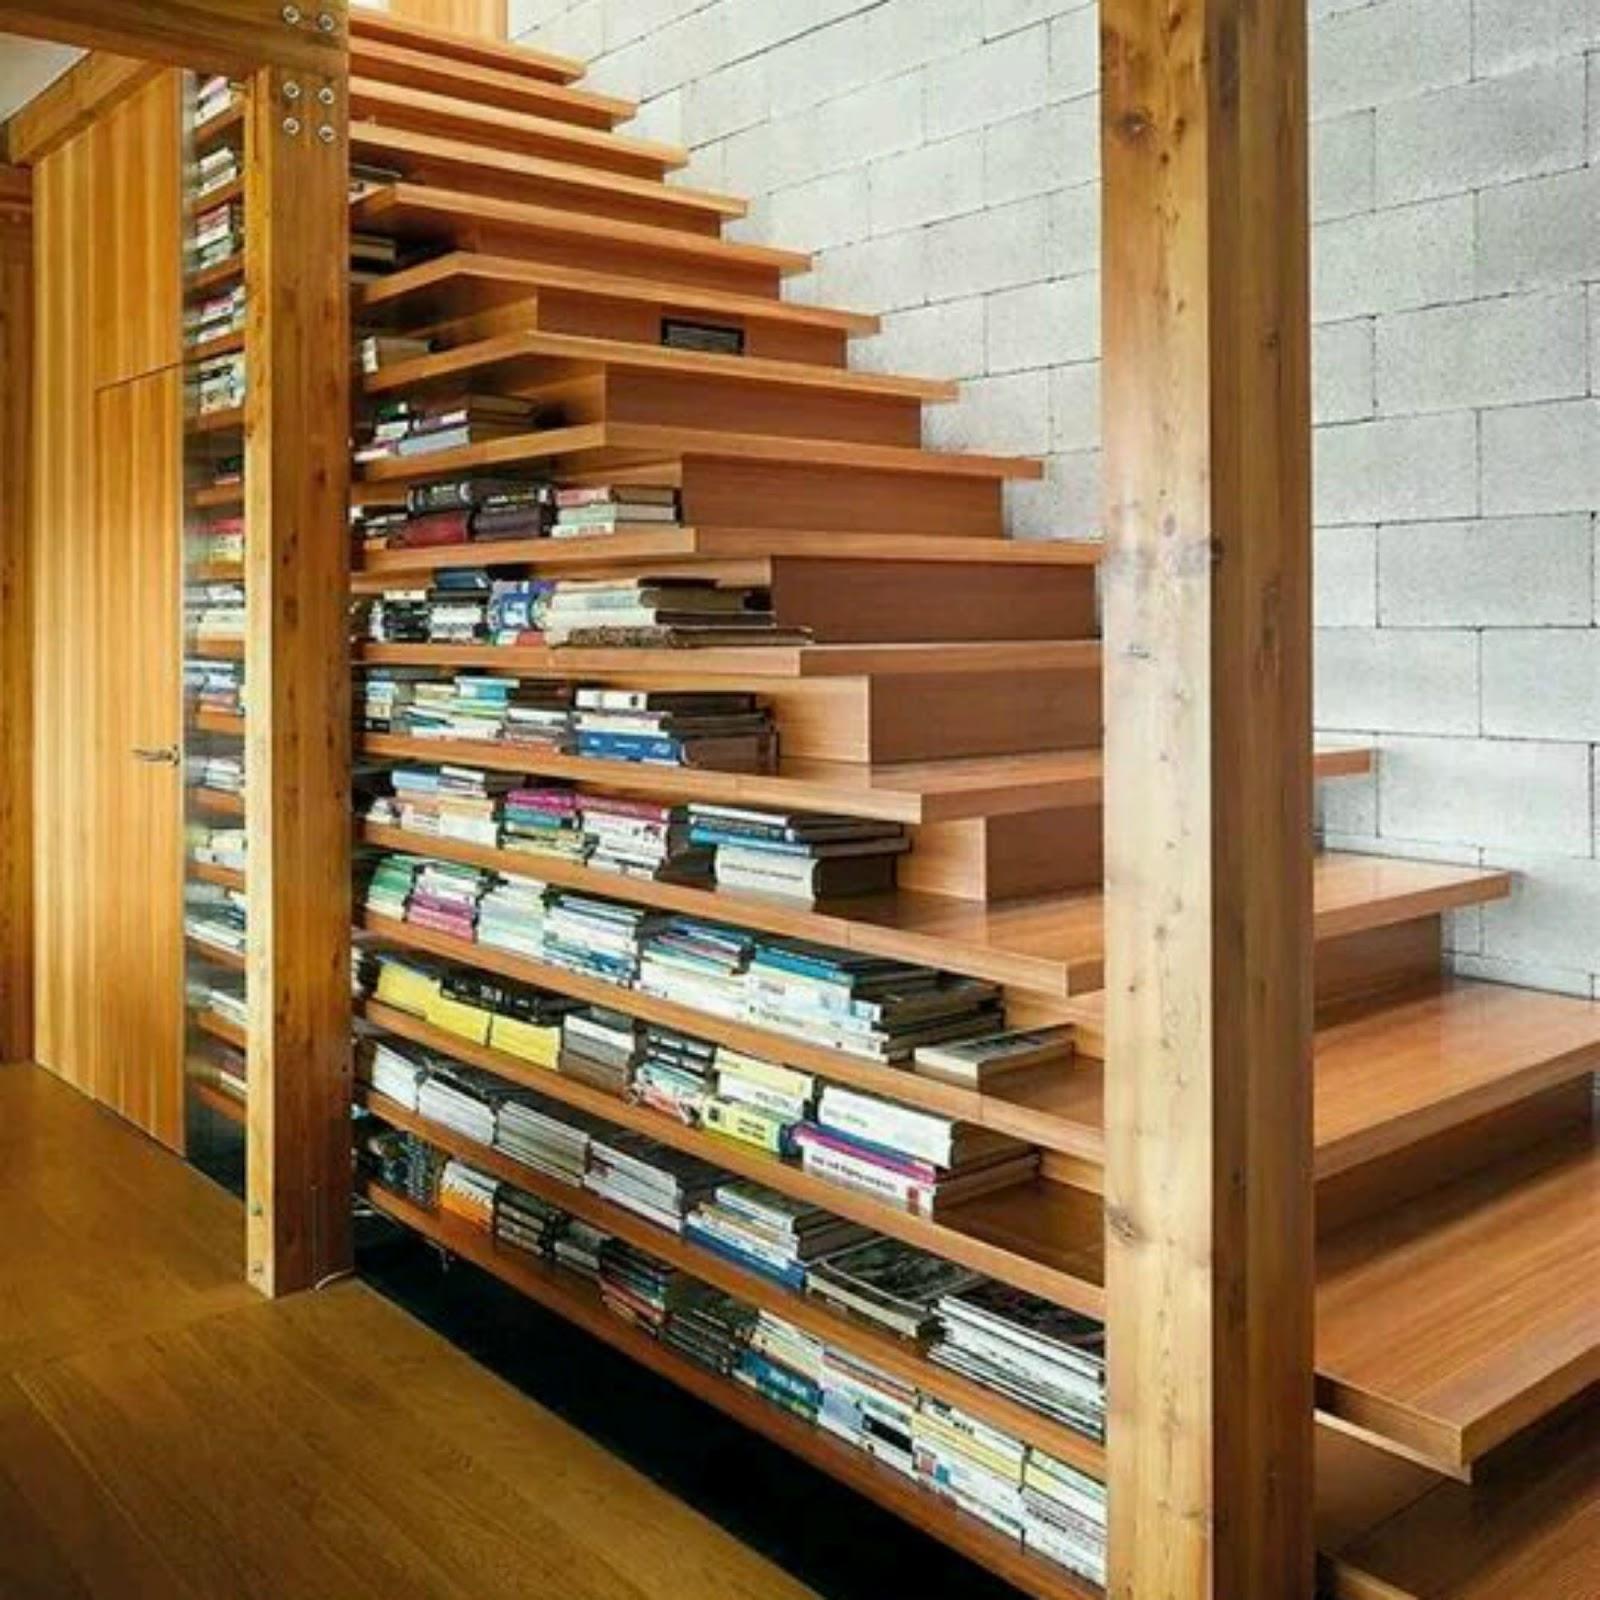 La shop de tejemanejes y punto escaleras y cajones for Escalera libreria